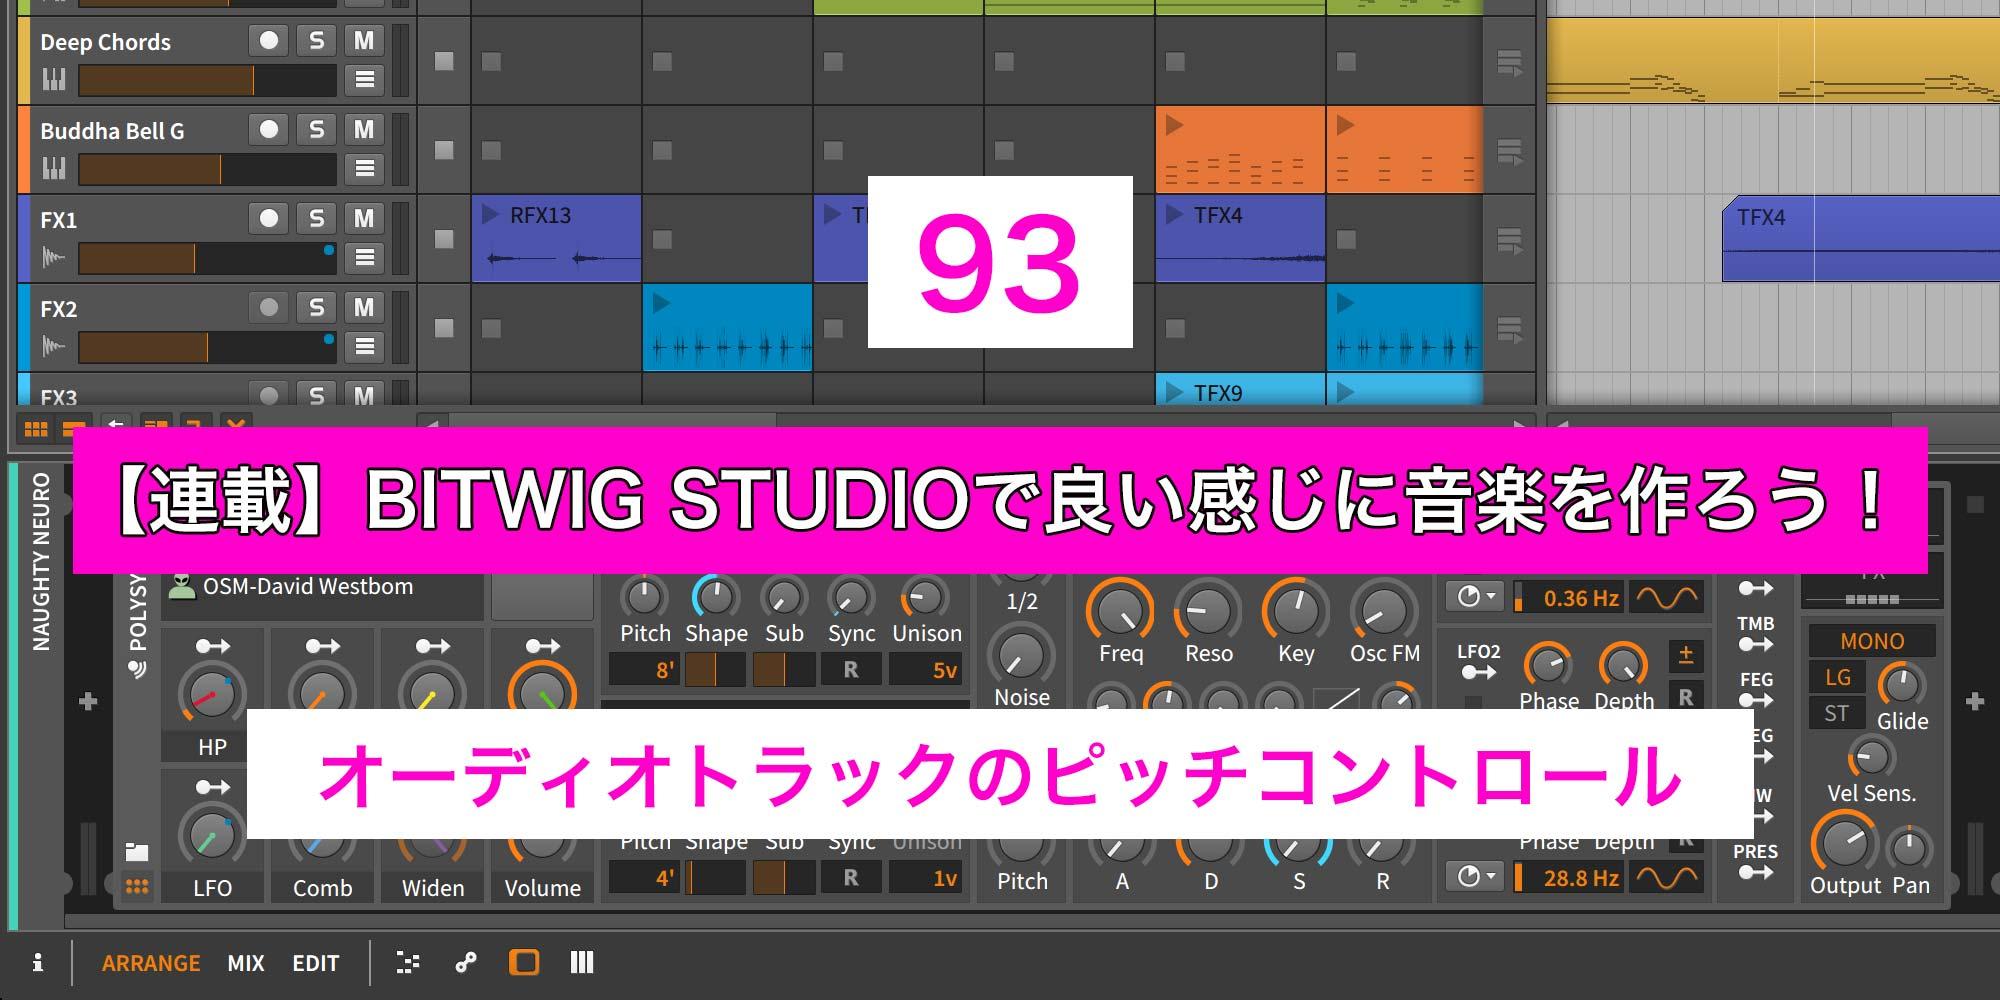 【連載】BITWIG STUDIOで良い感じに音楽を作ろう!【93】